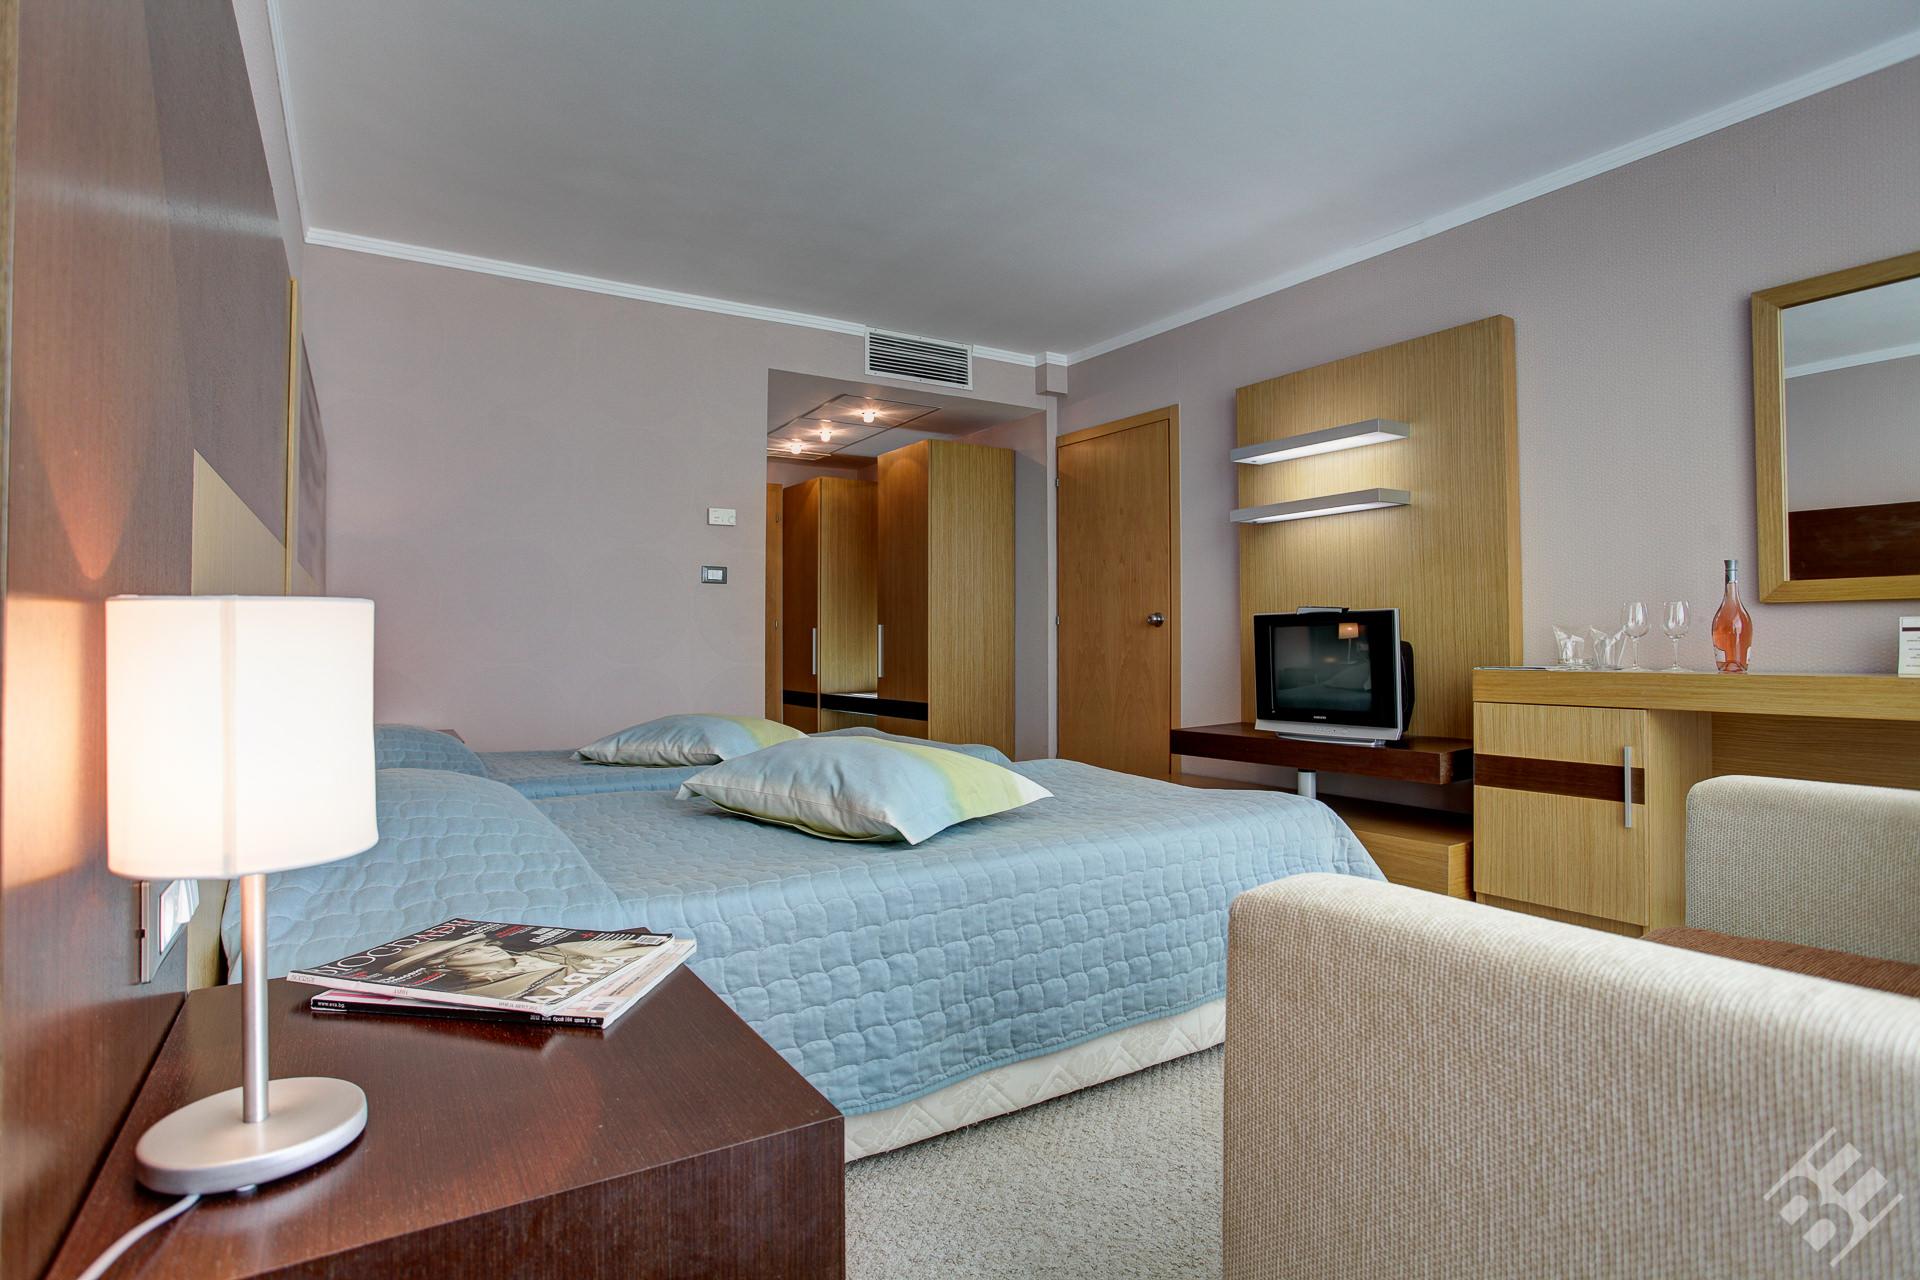 Hotels_03_IMG_9158H3_Volen_Evtimov